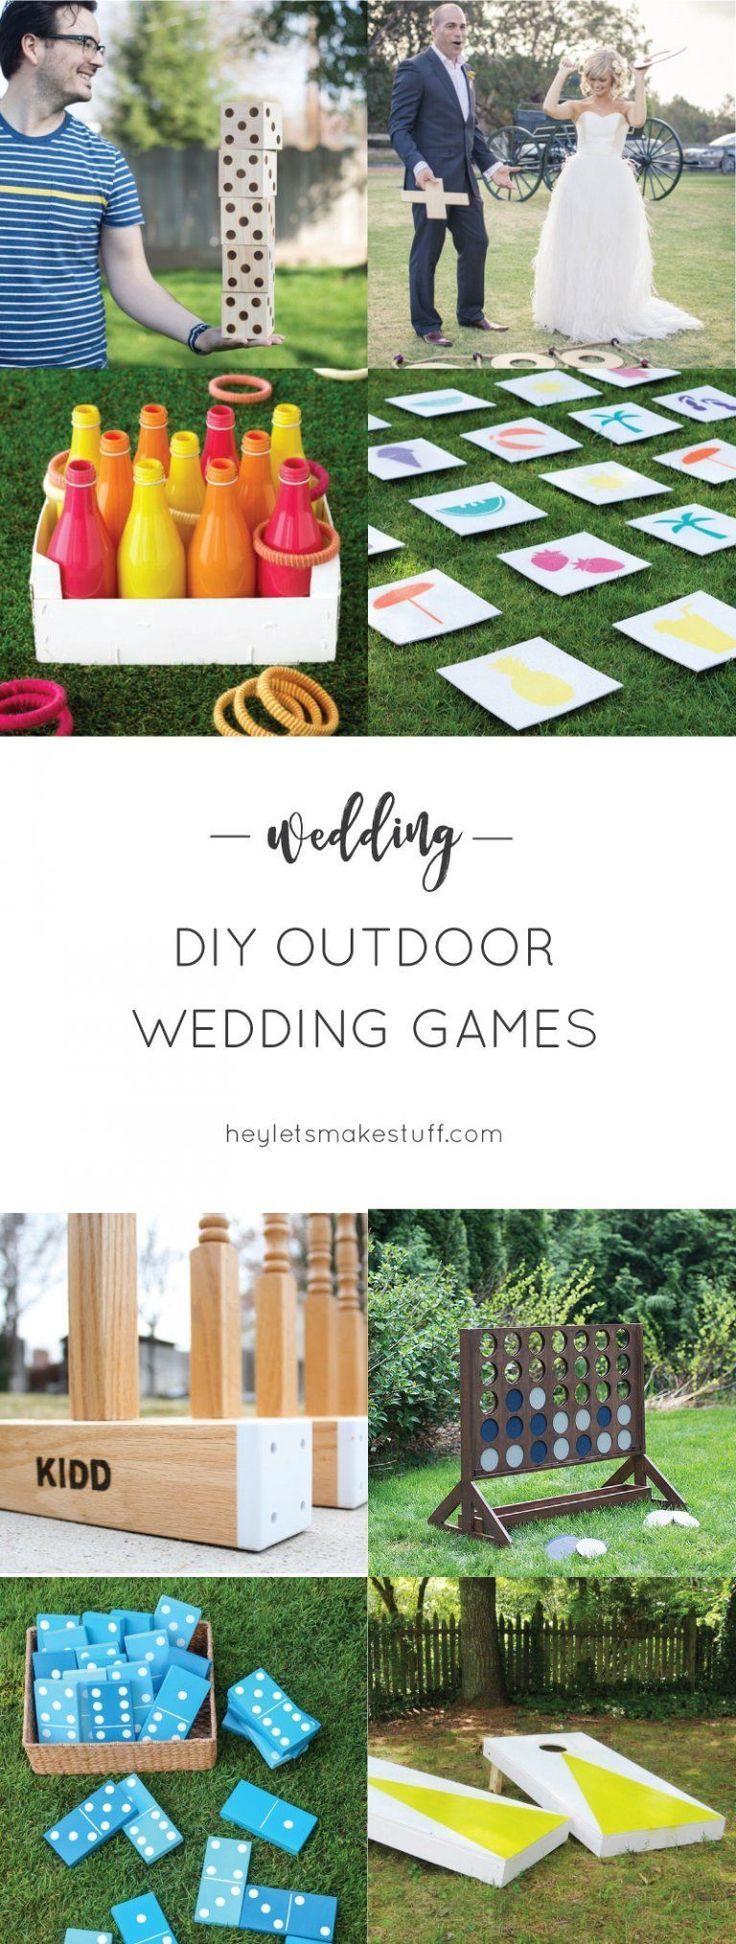 DIY Outdoor-Hochzeitsspiele Wenn Sie eine Hochzeit im Freien haben, sind Rasenspiele ...  -  #DIY #eine #Freien #haben #Hochzeit #im #OutdoorHochzeitsspiele #Rasenspiele #Sie #sind #Wenn #thegreatoutdoors